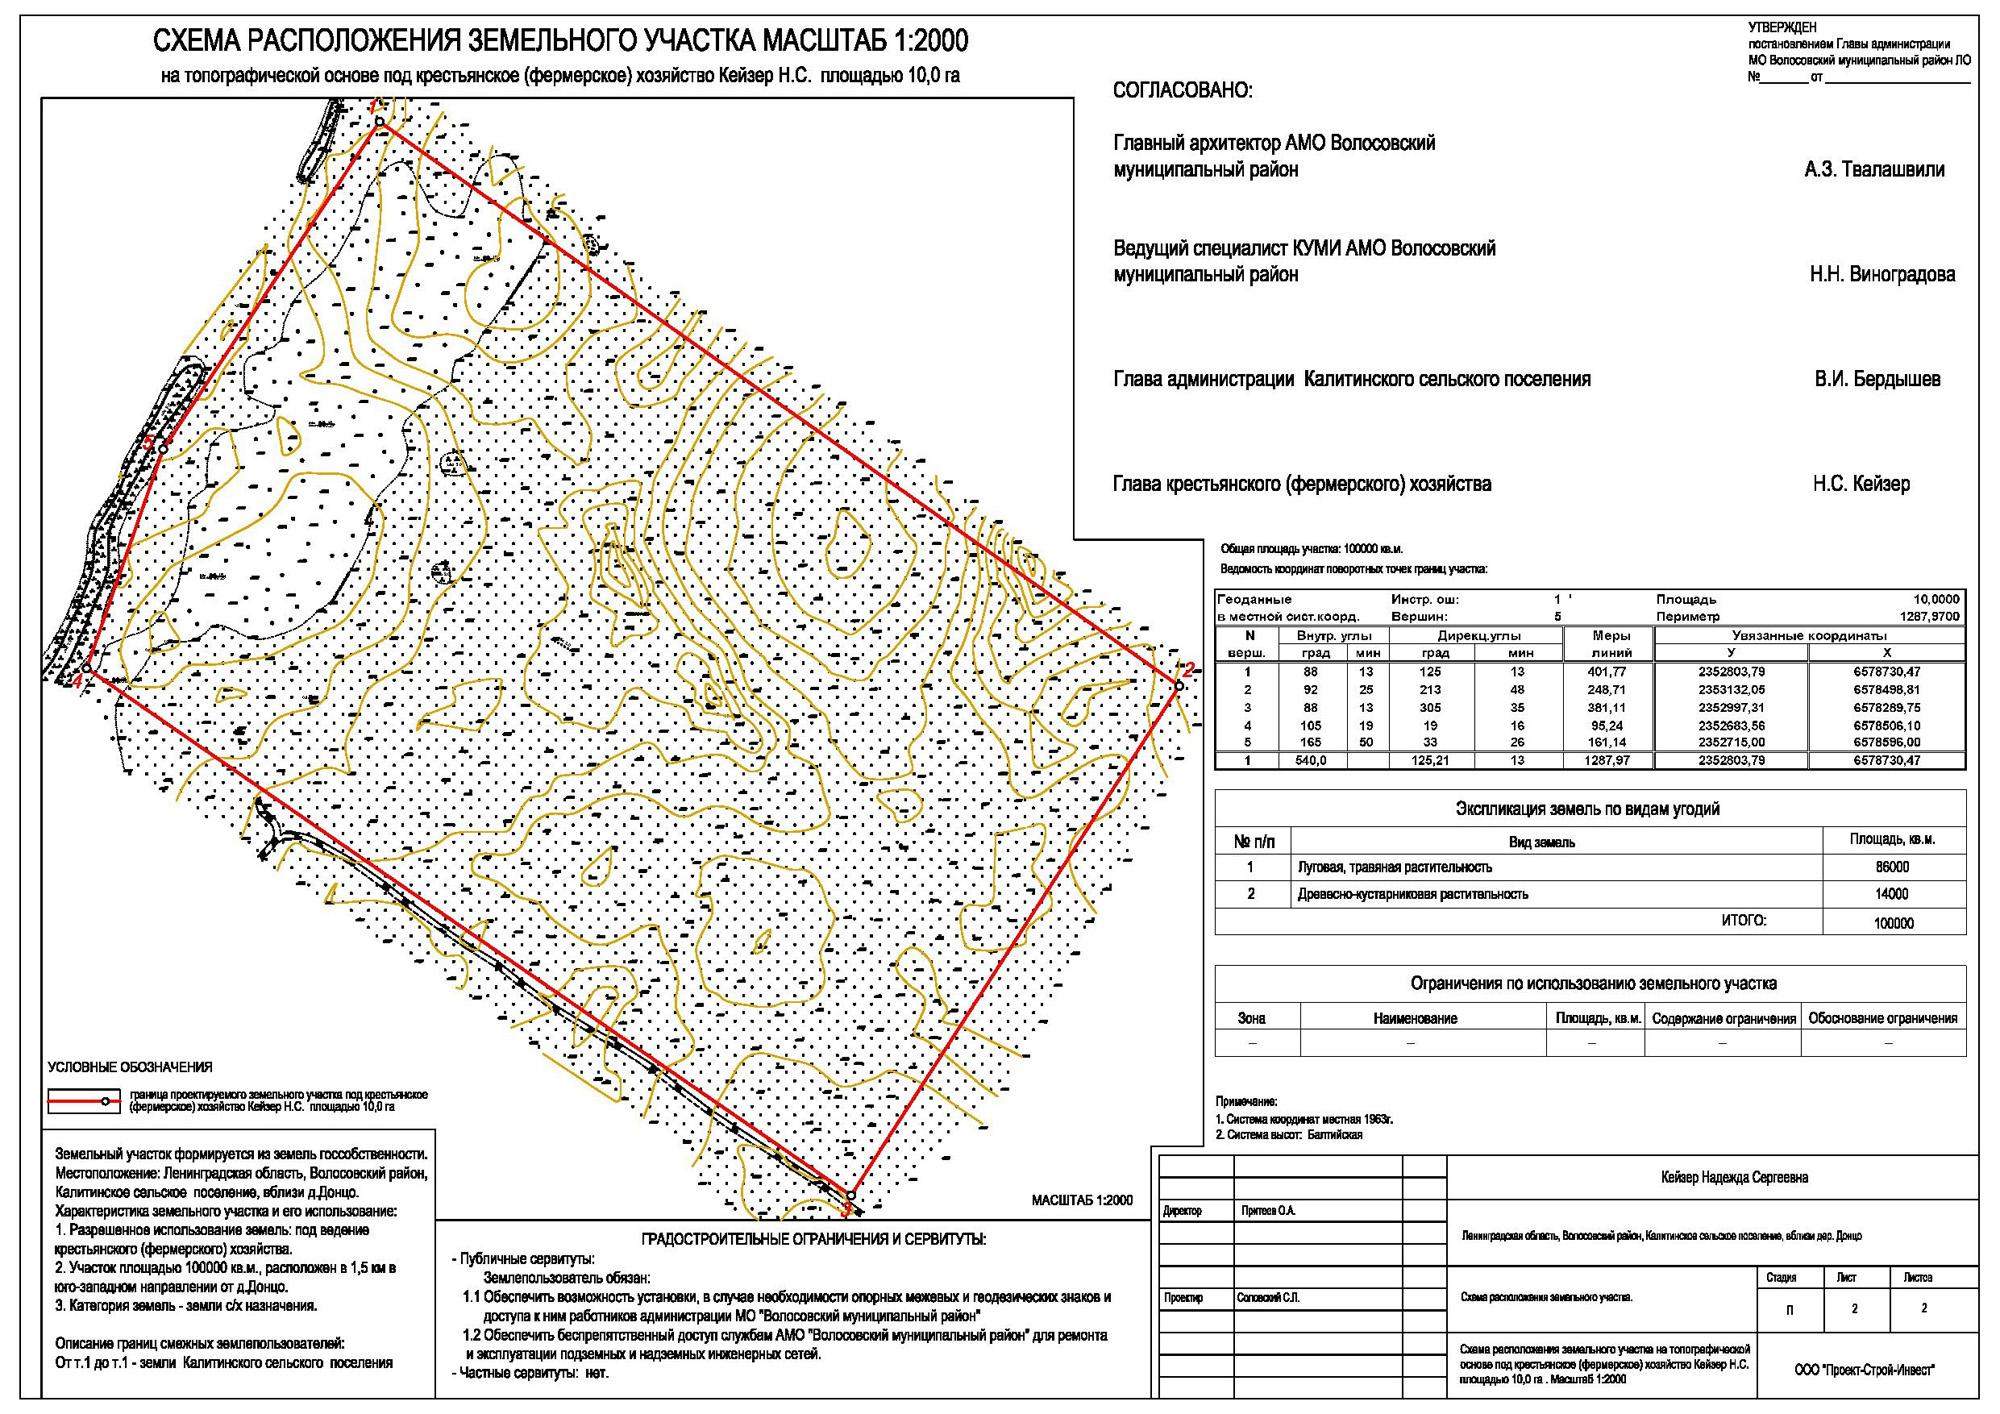 Схема расположения ЗУ на топографич. основе под крест-фермер. хоз-ство площадью 10,0 га